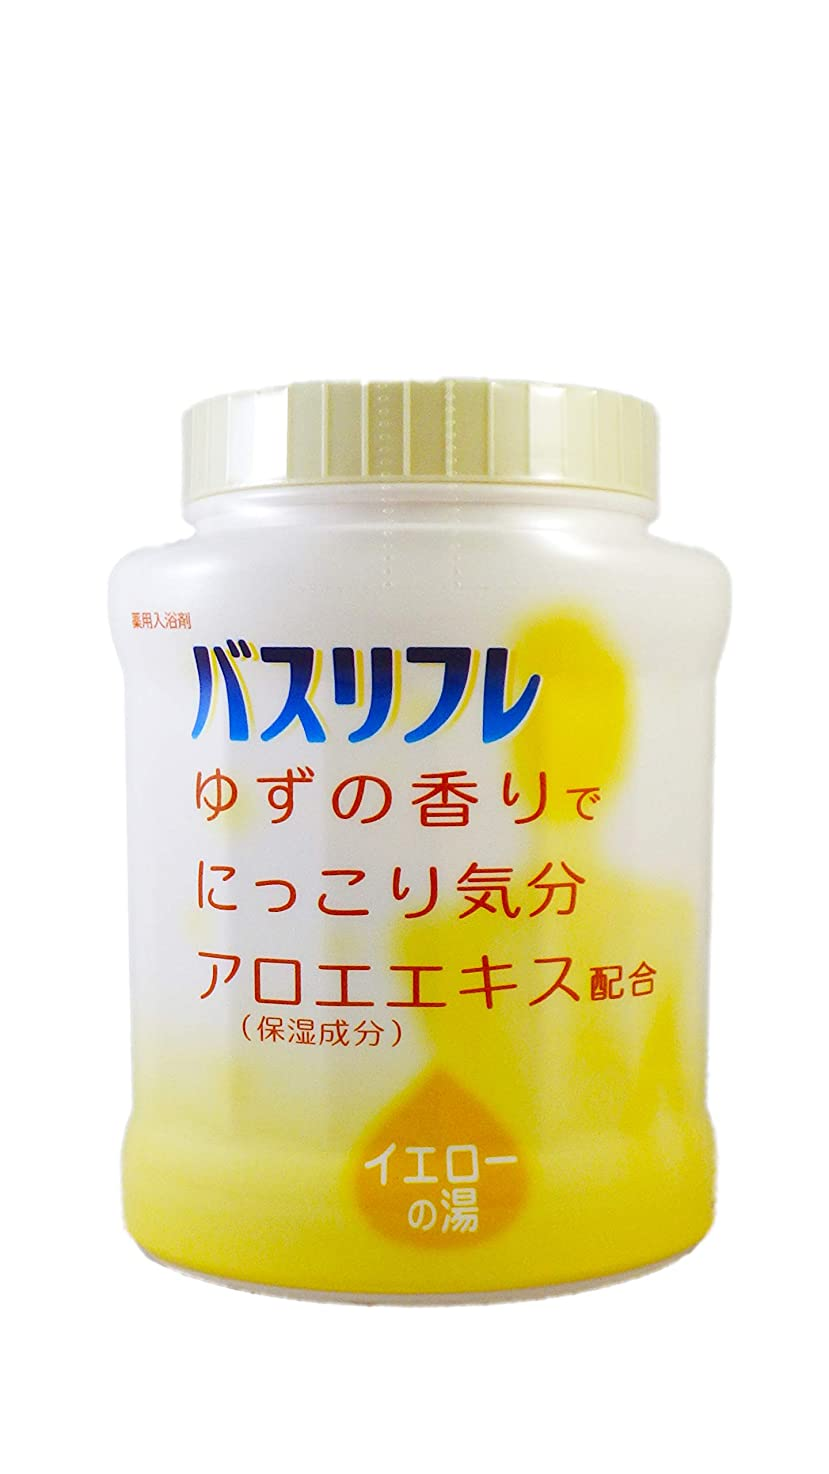 スラム街シガレットヘアバスリフレ 薬用入浴剤 イエローの湯 ゆずの香りでにっこり気分 天然保湿成分配合 医薬部外品 680g